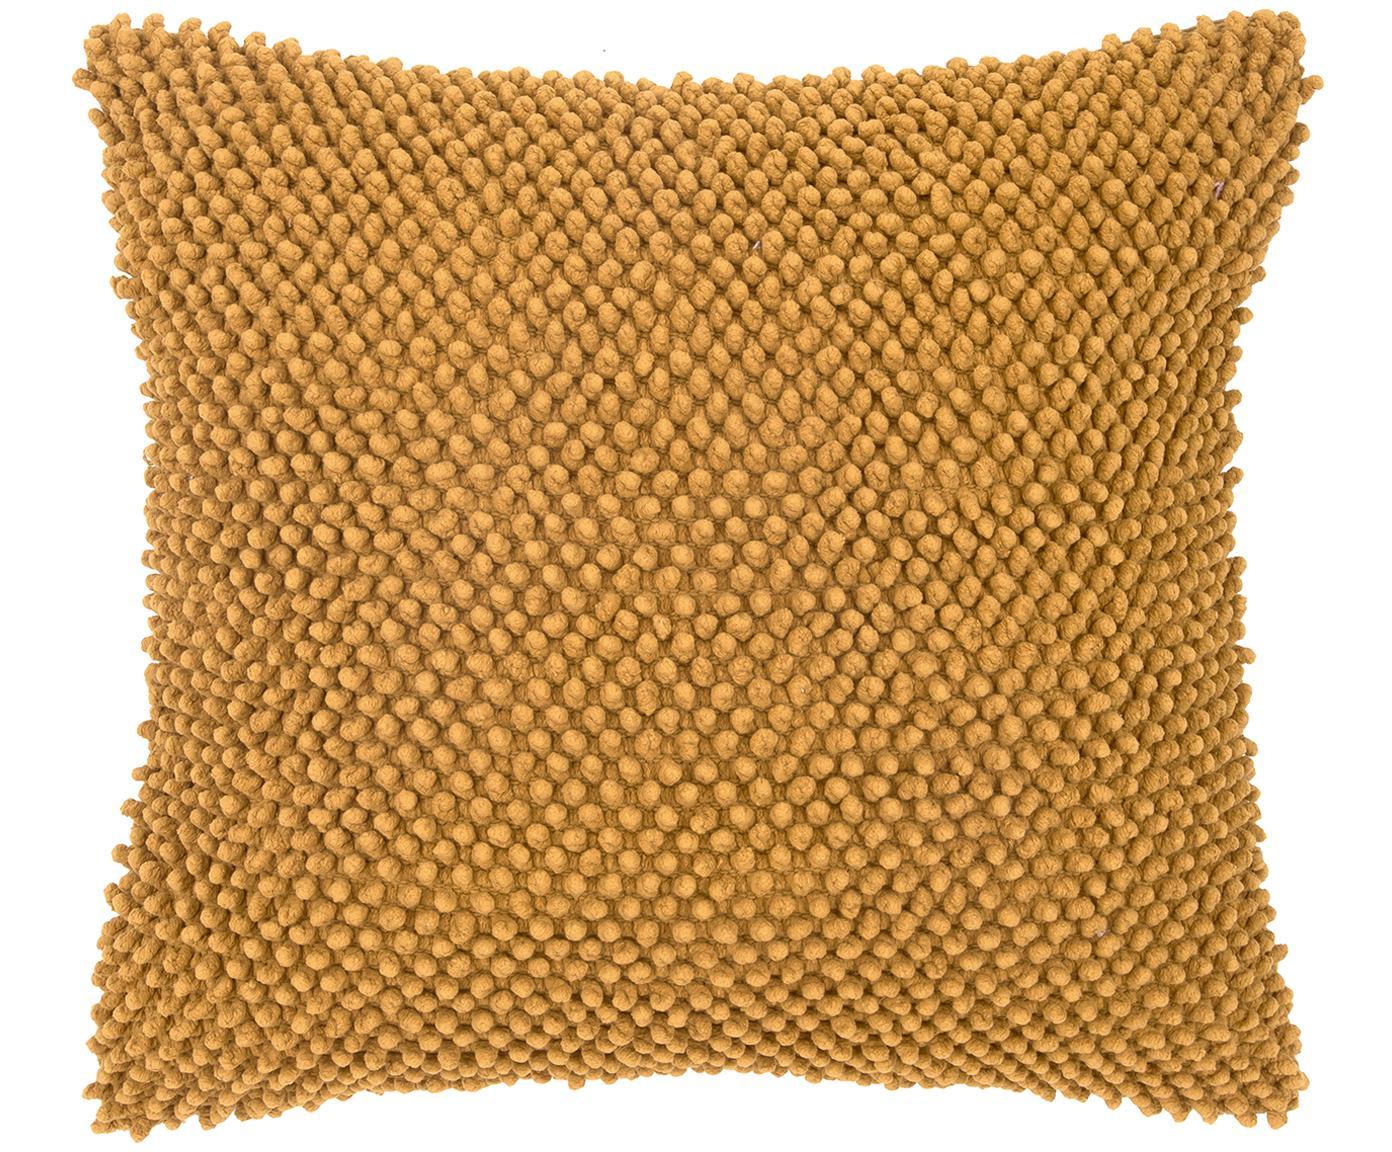 Poszewka na poduszkę z wypukłym wzorem Indi, Bawełna, Żółty, S 45 x D 45 cm